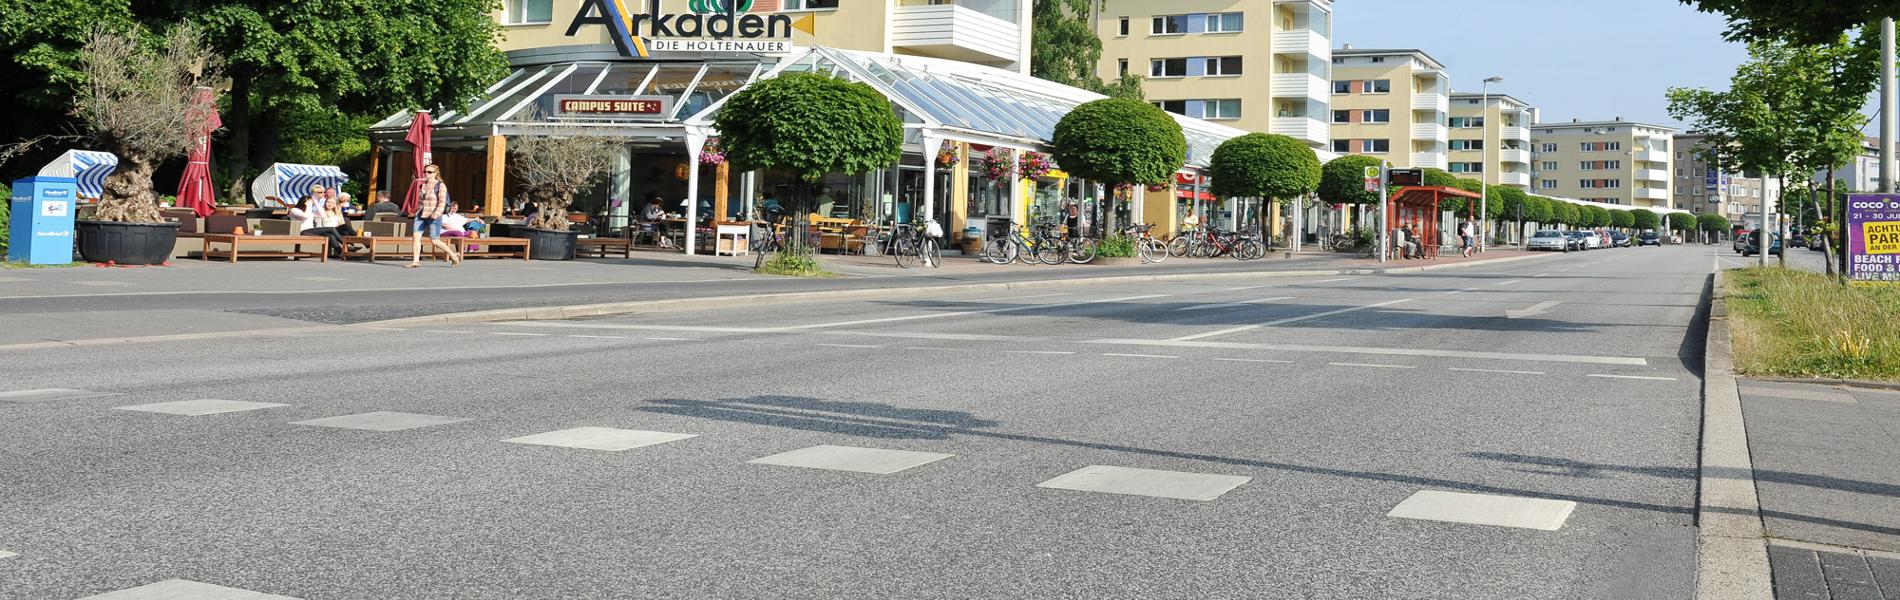 Holtenauer Straße, Arkaden